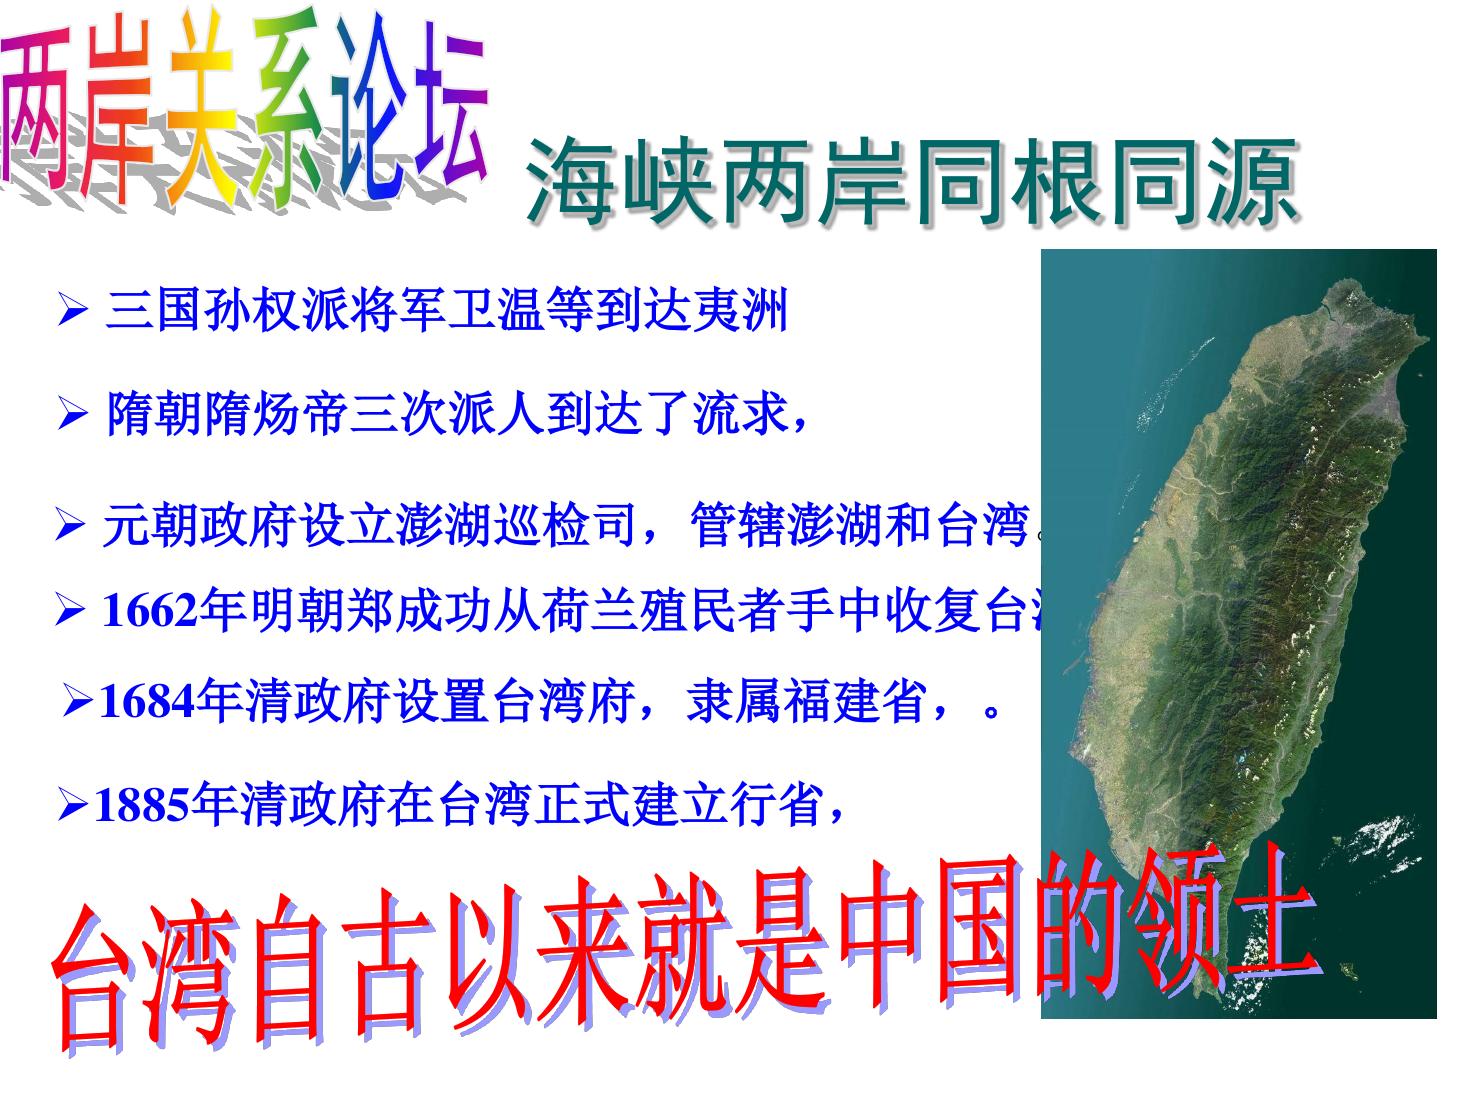 第13课 香港和澳门的回归PPT课件配套教案内容的第6张ppt图片预览